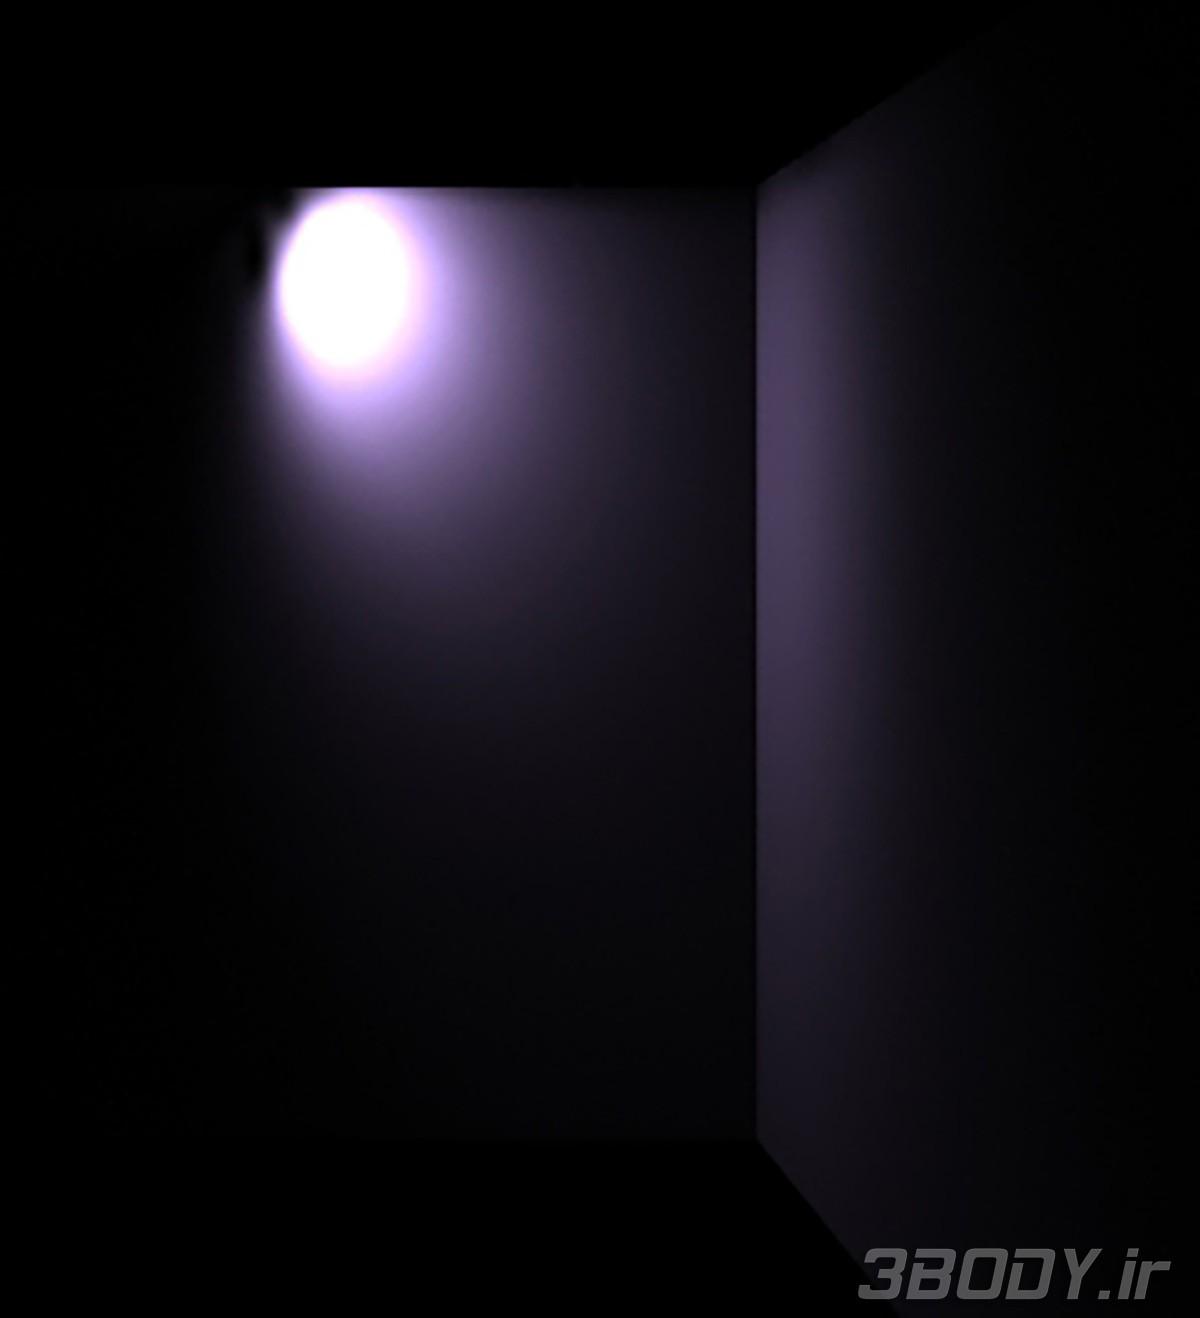 نور ies06 عکس 1